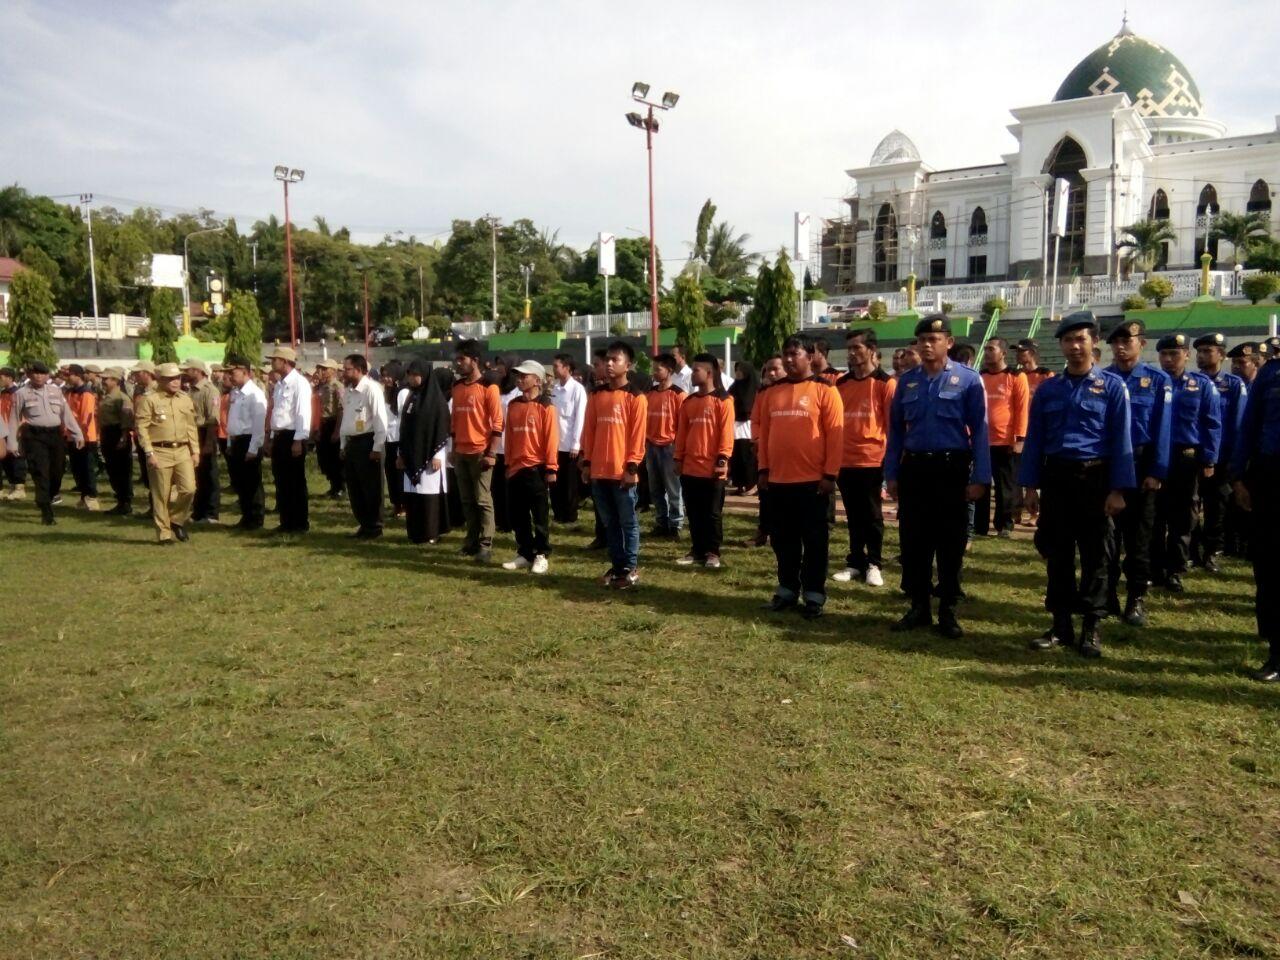 Antisipasi Bencana, Polres Soppeng Adakan Apel Siaga